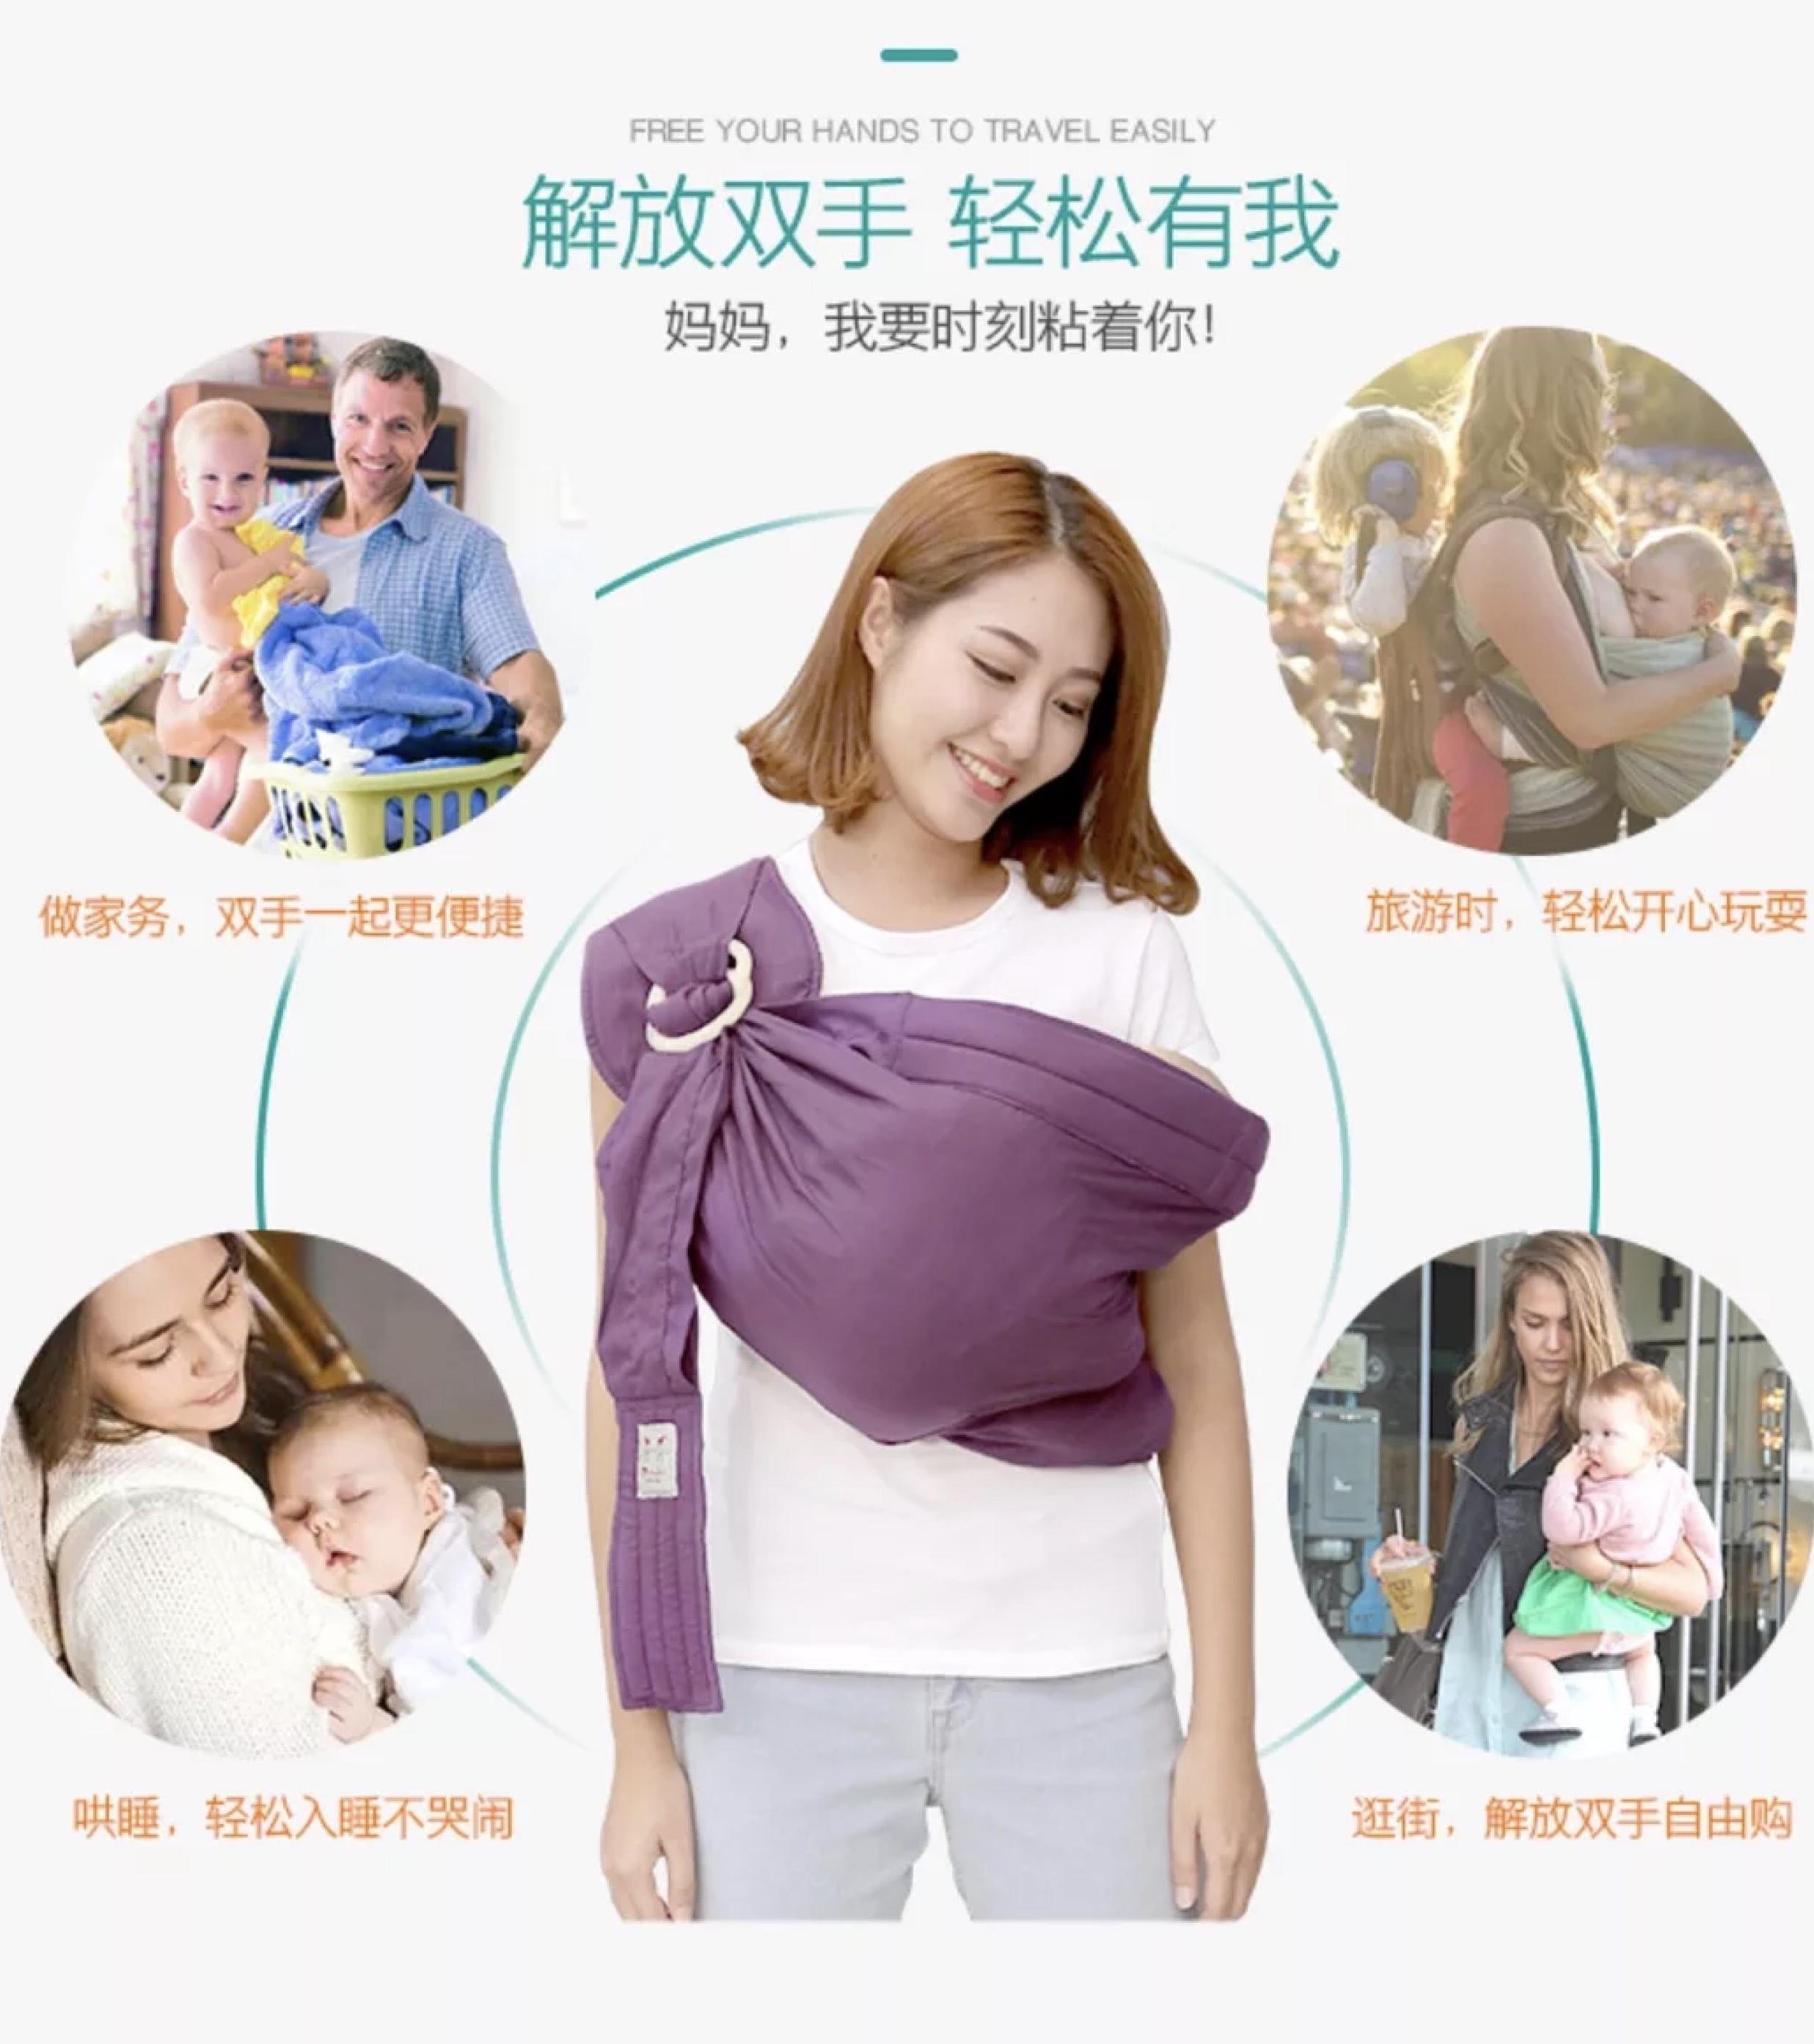 婴儿背巾背带西尔斯育儿有环宝宝横竖抱新生儿哄睡哺乳前抱式抱袋